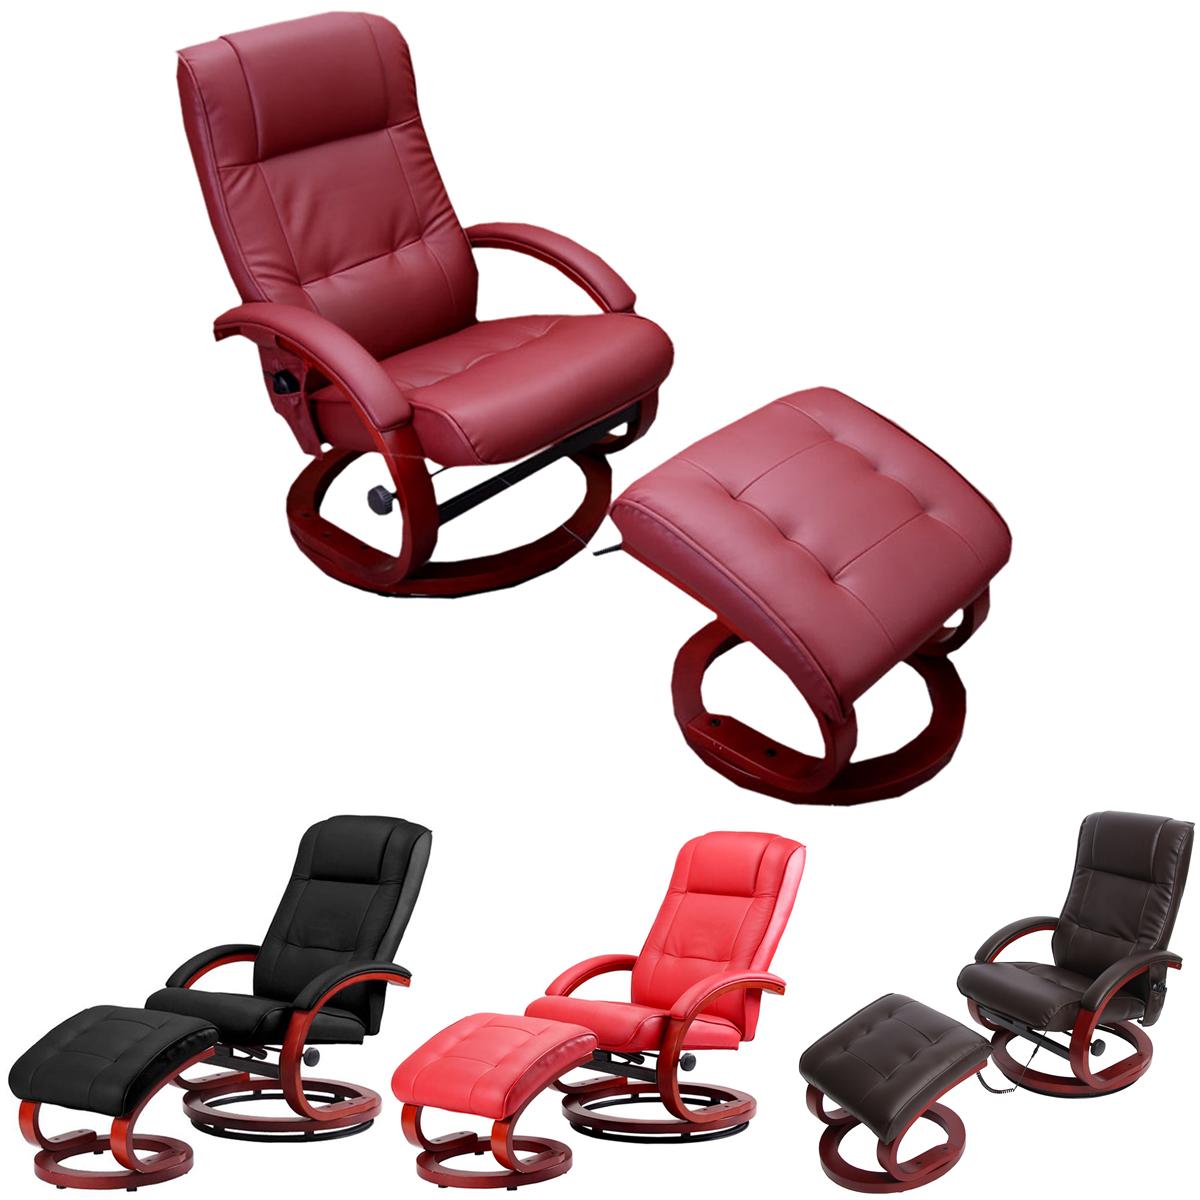 fernsehsessel relaxsessel mit hocker pescatori ii massagefunktion kunstleder ebay. Black Bedroom Furniture Sets. Home Design Ideas